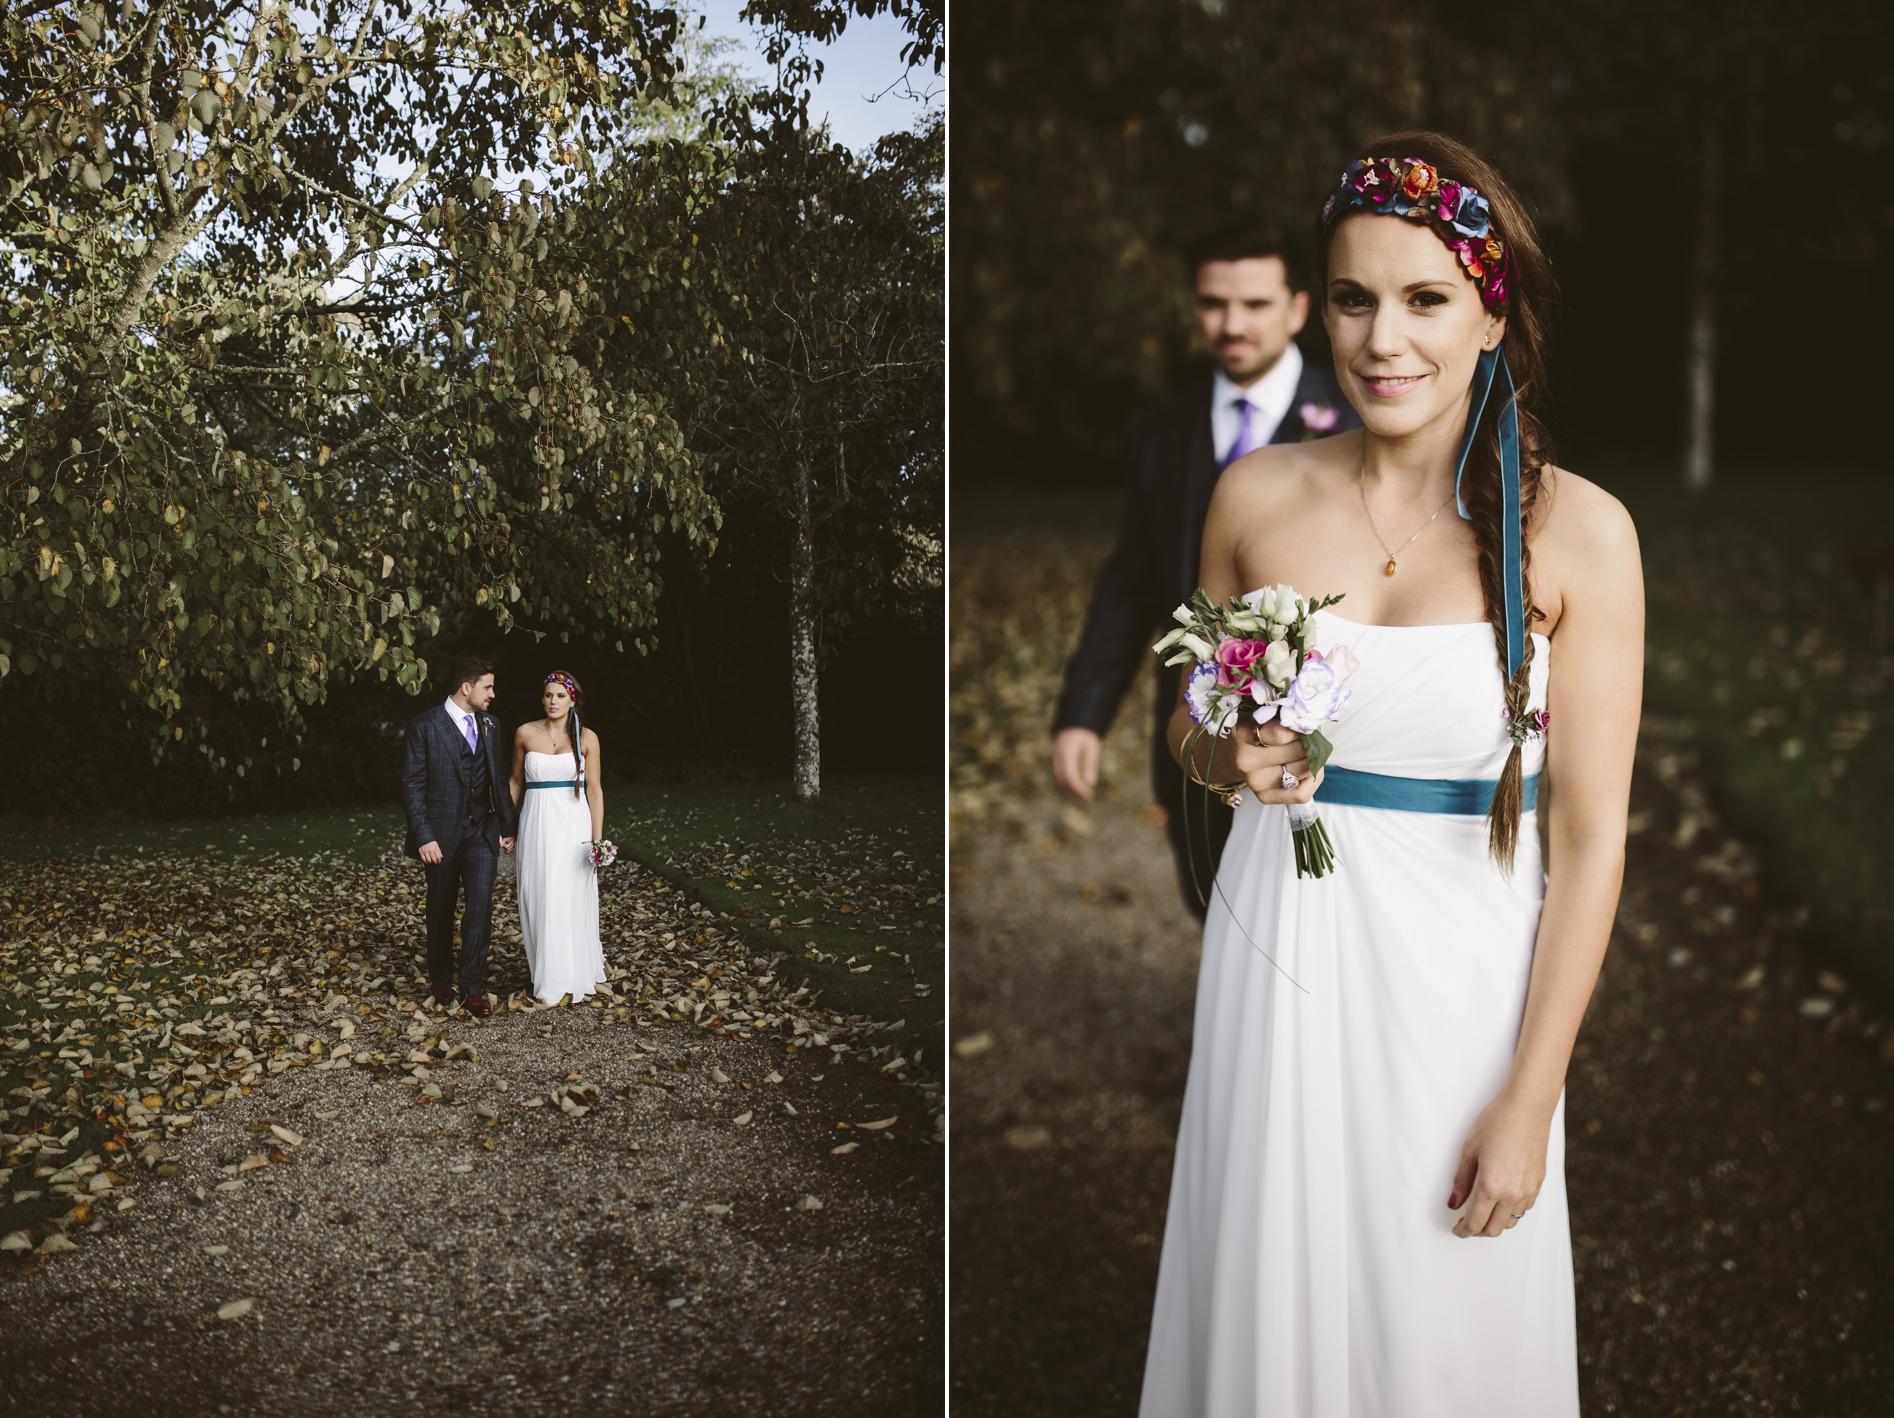 Wedding photographer Ireland Graciela Vilagudin 841.jpg